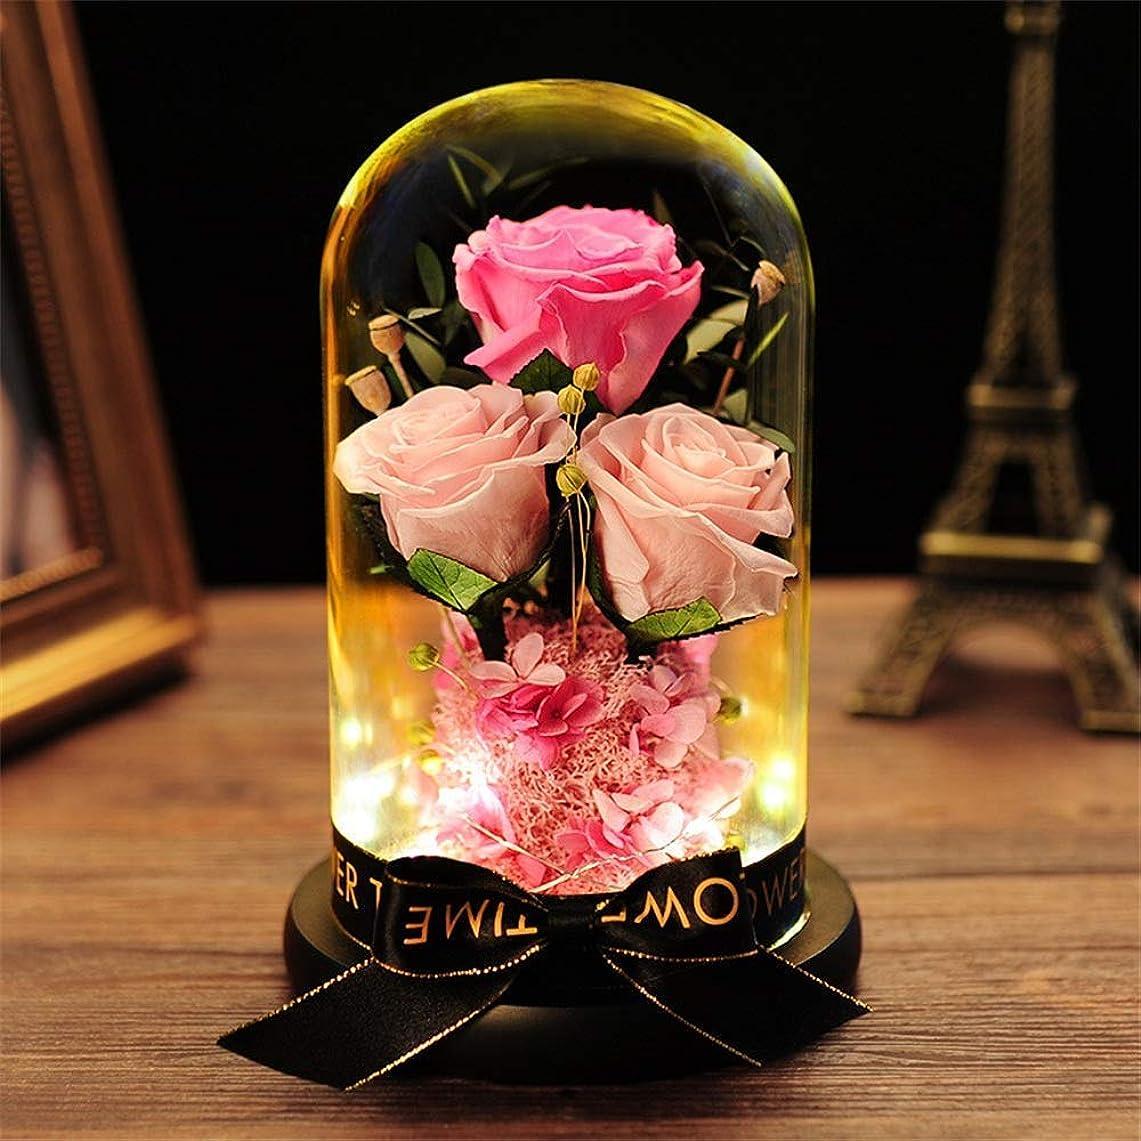 宝ポスター依存HUYYA 保存花プリザーブドフラワー、本物のバラで永遠の花ガラスドーム枯れない花 生花 フラワーアレンジドライフラワー エターナルローズバレンタインデークリスマス記念日誕生日プレゼント,Pink_14.5x23.5cm